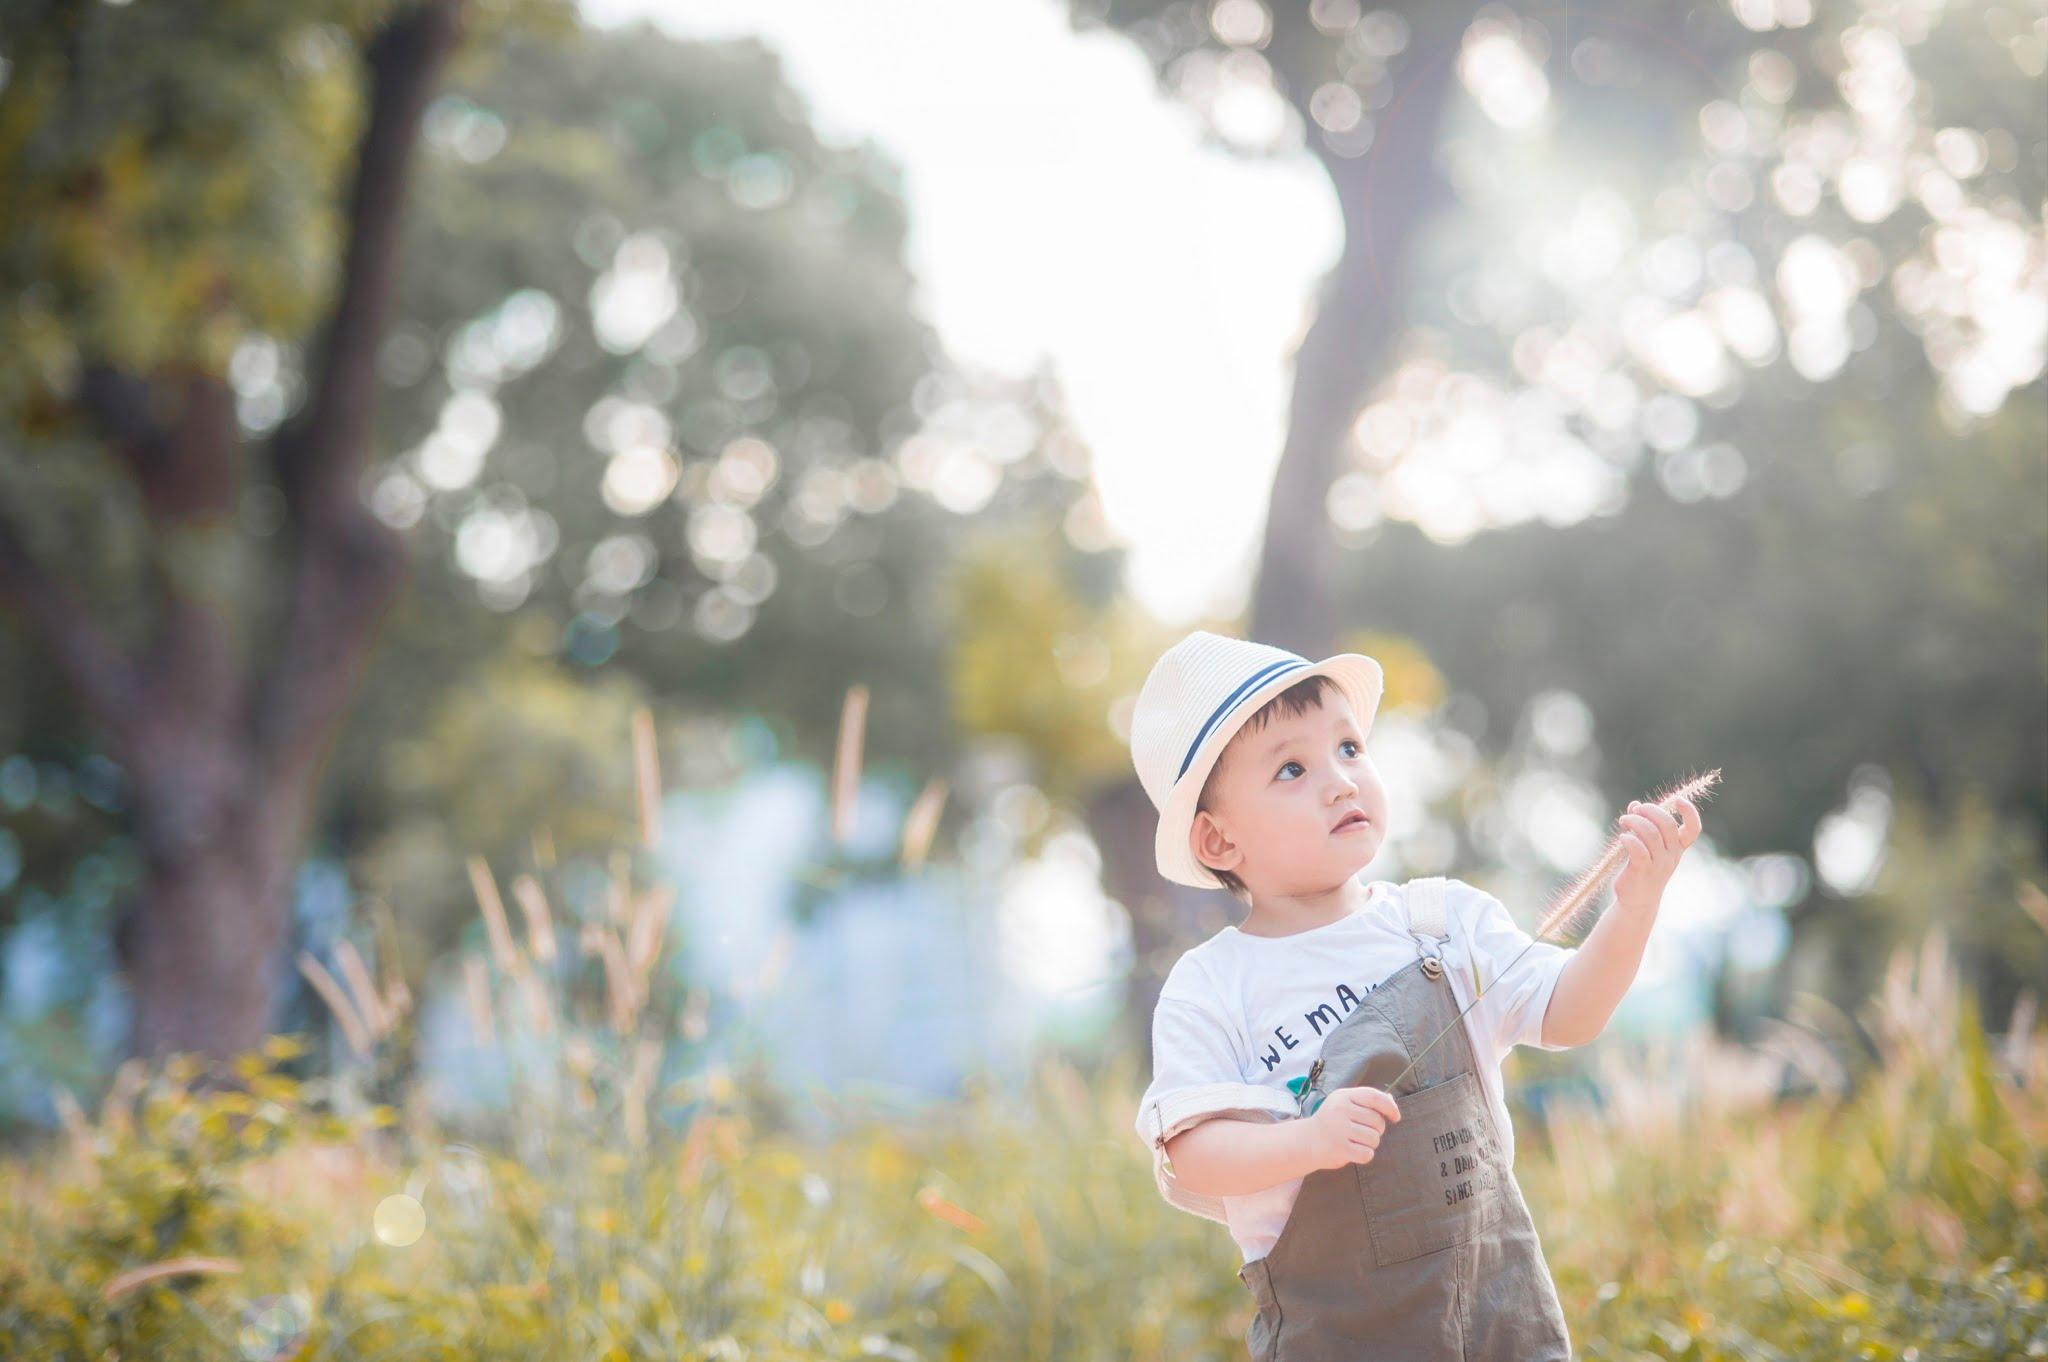 Judo 5 - Công viên Gia Định, địa điểm lý tưởng để chụp hình cho em bé